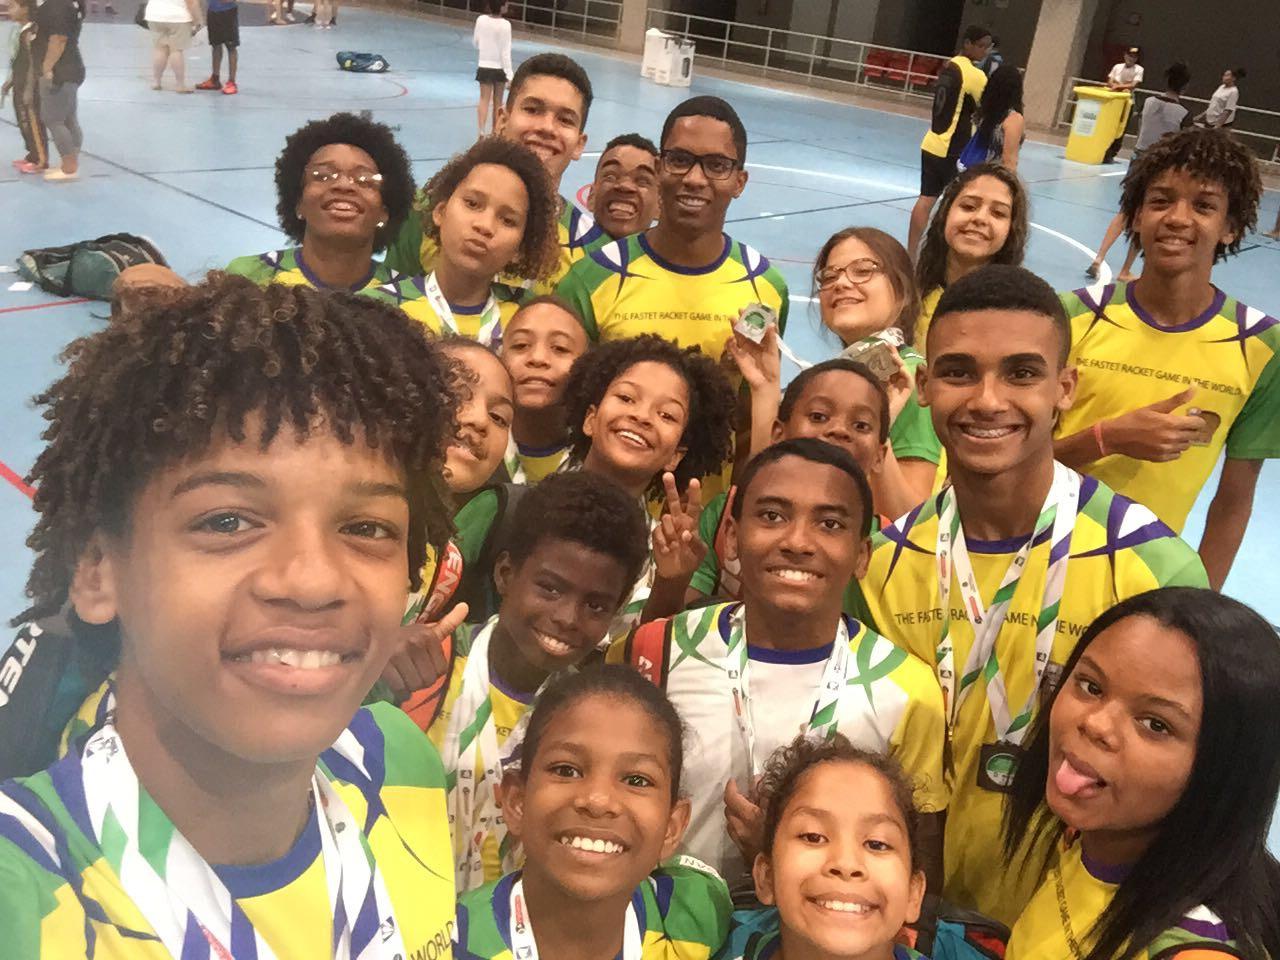 26/11/17: Miratus remporte 25 médailles et 12 titres au Chpt du Brésil à Fortaleza